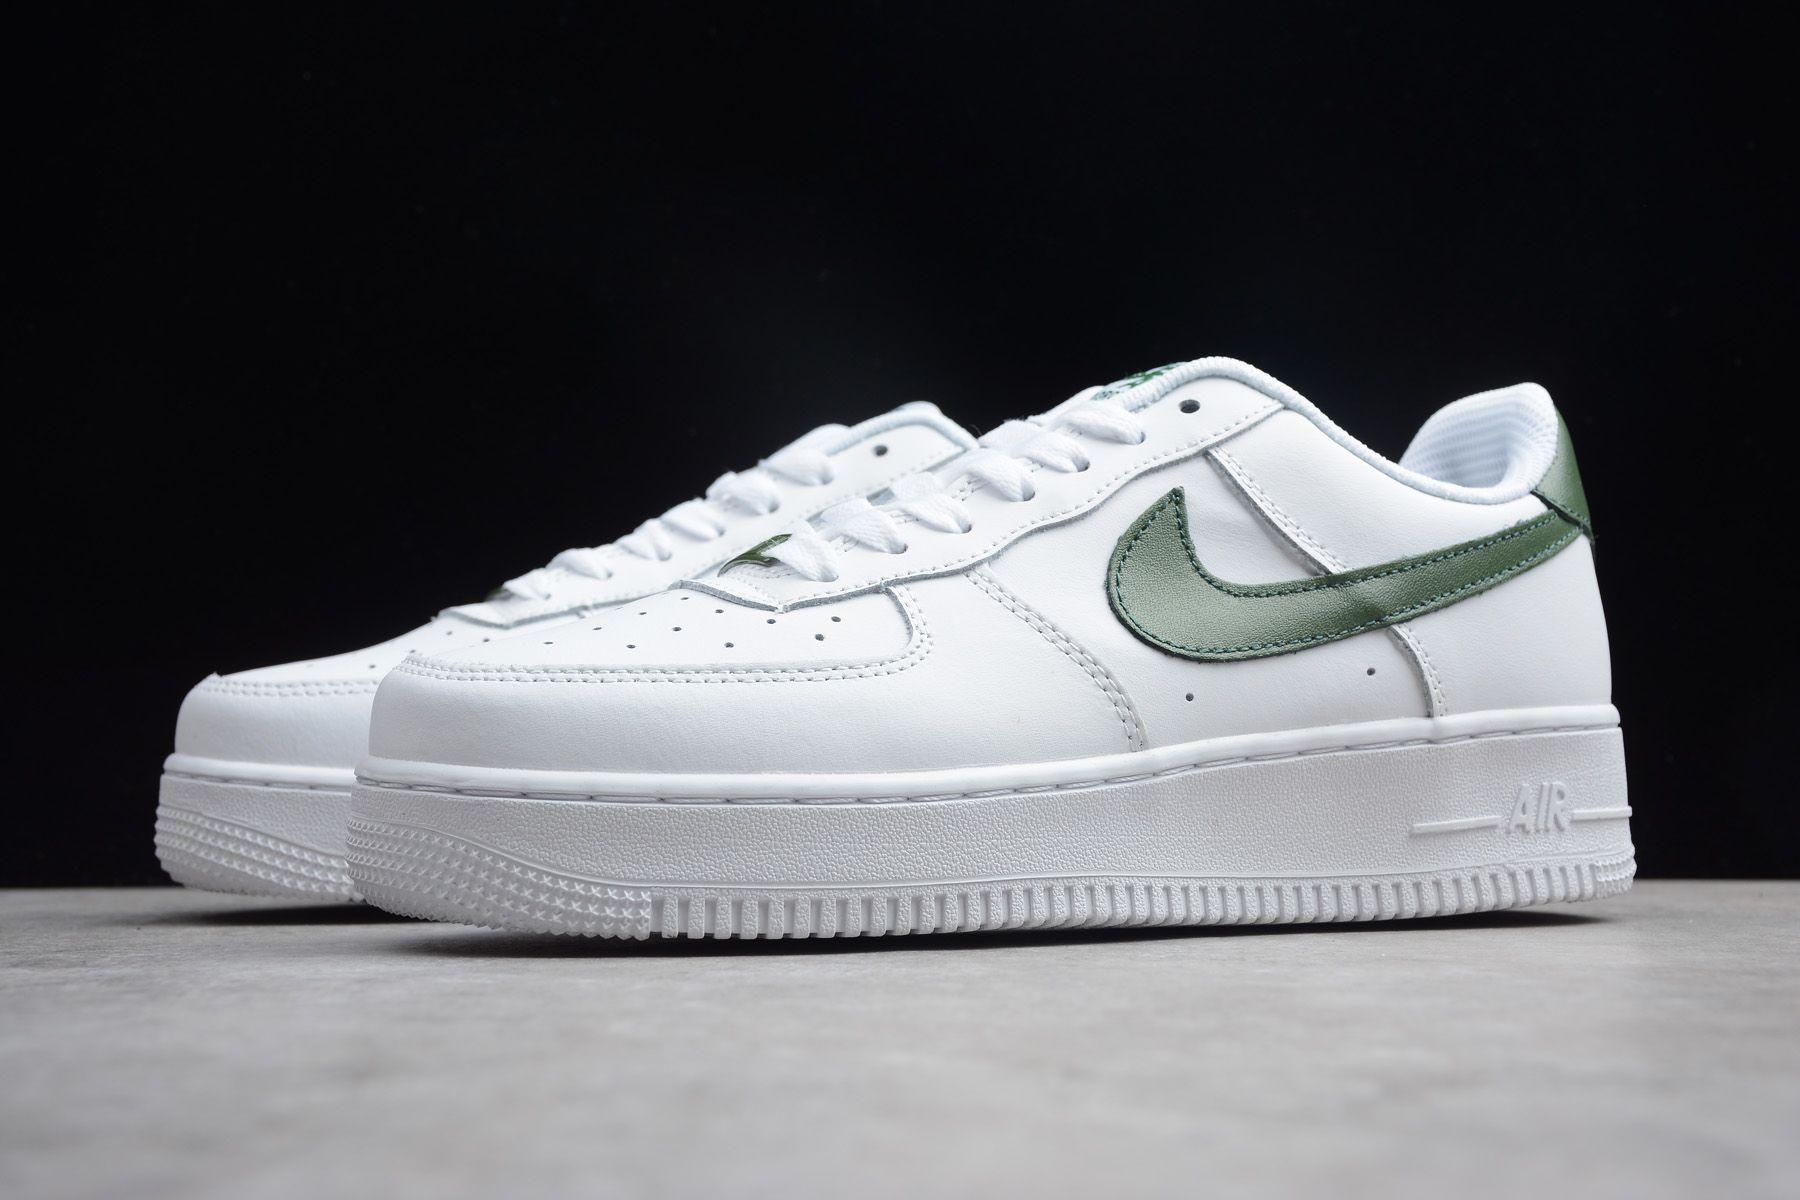 best service c0114 40f24 Nike Air Force 1 Upstep White Green AQ3774-994 Air Force 1, Nike